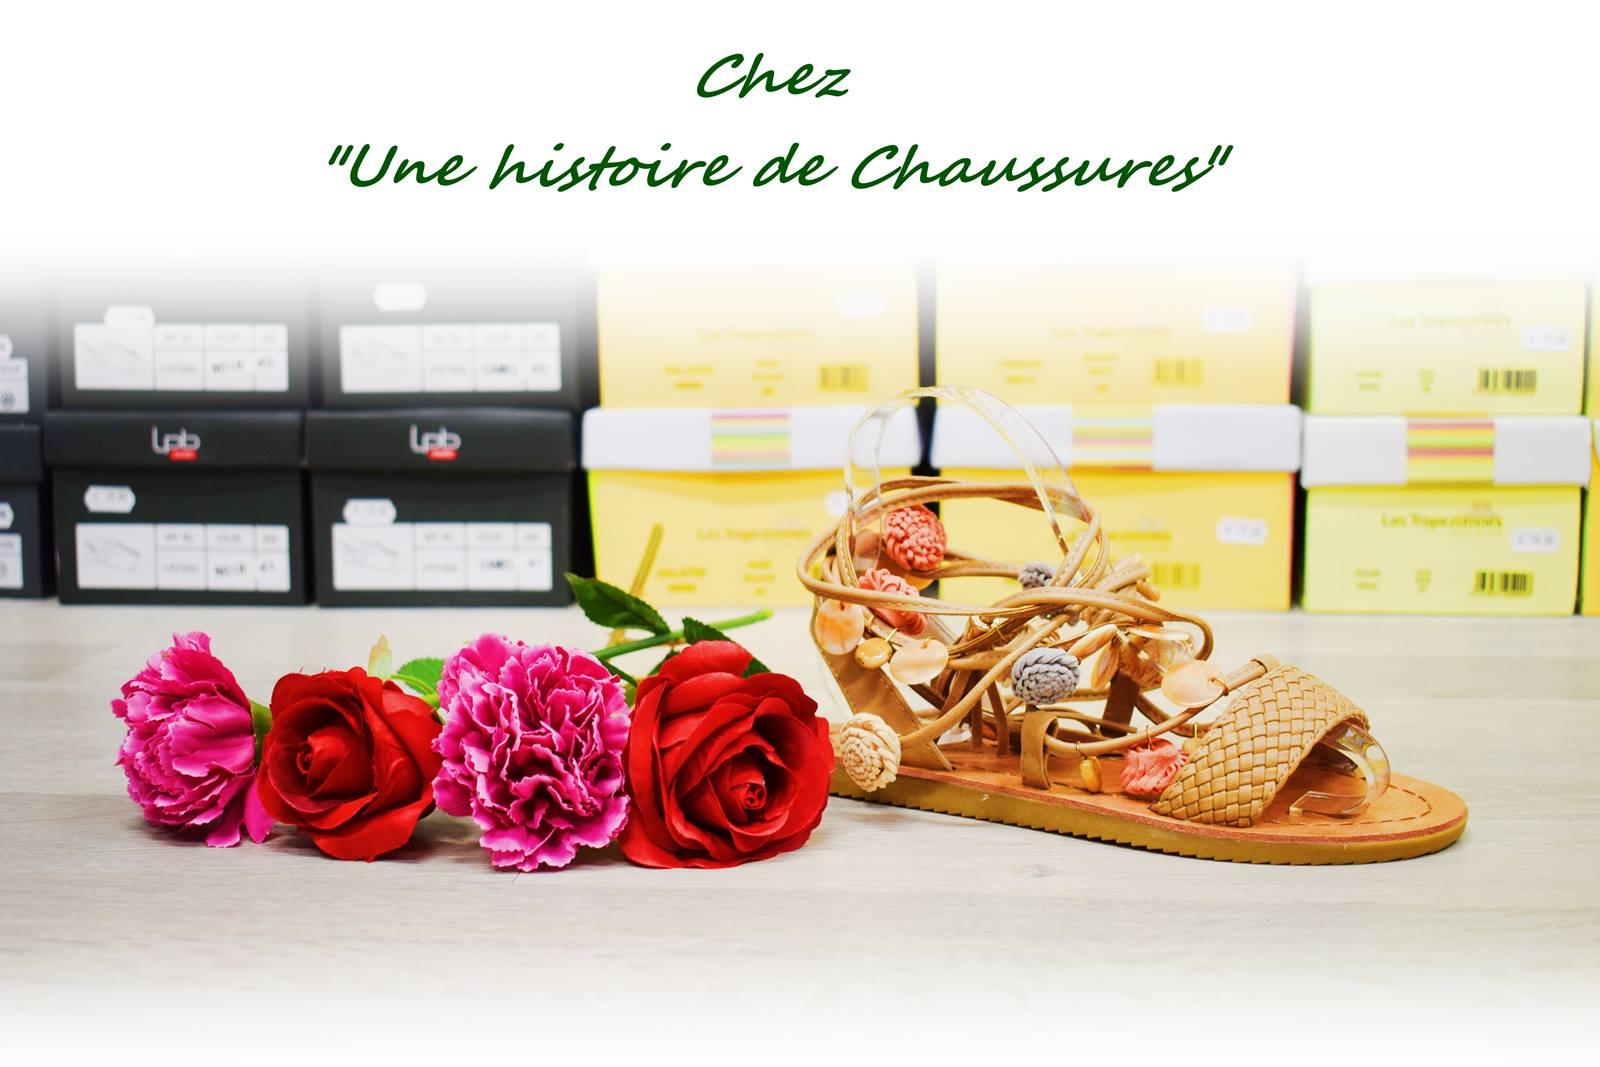 Une histoire de chaussures blain 1 blog